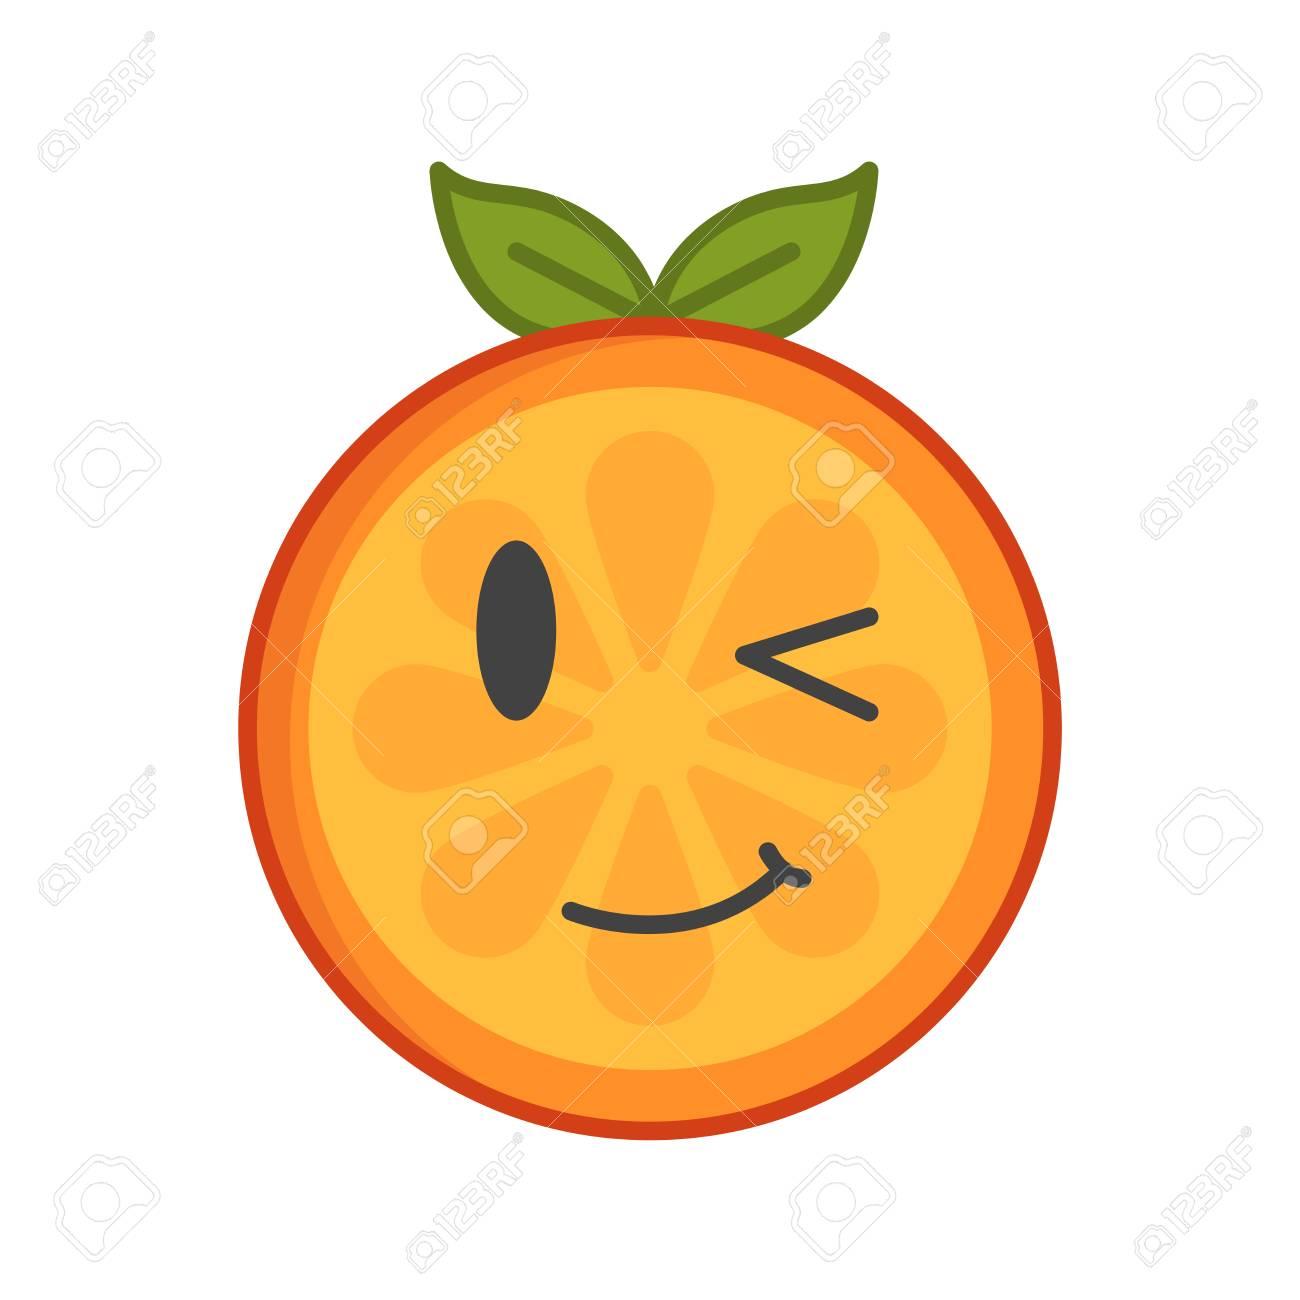 Afbeeldingsresultaat voor smiley wink